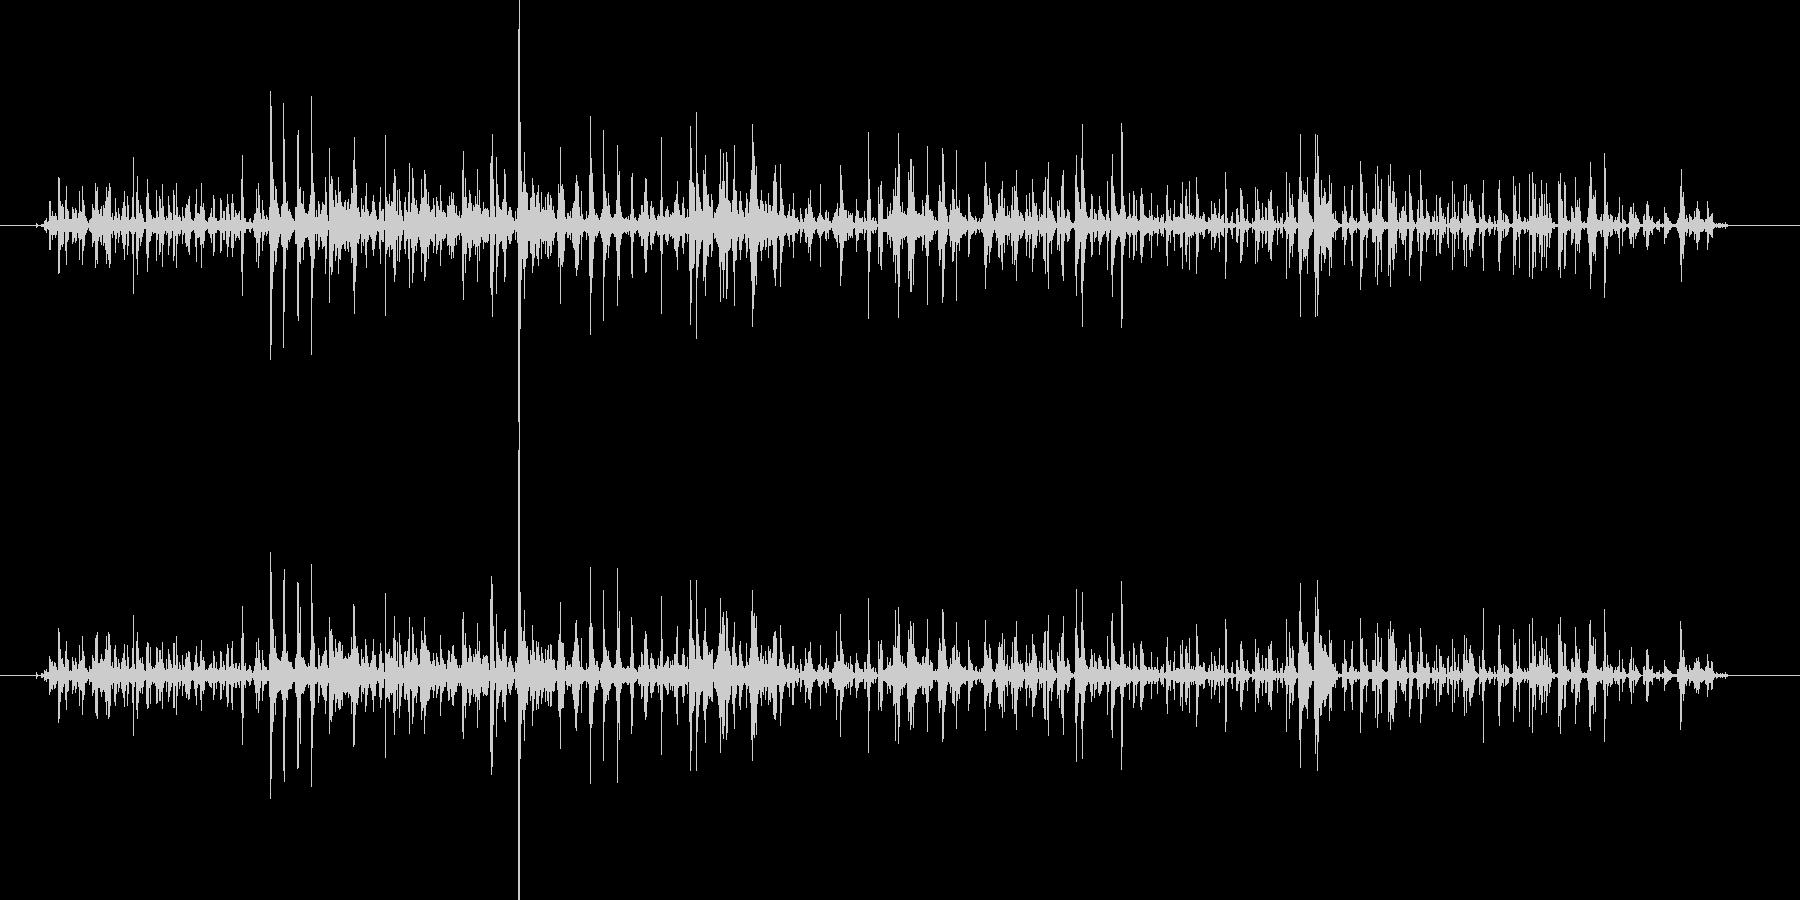 シャララーン…鈴の音色のような効果音の未再生の波形